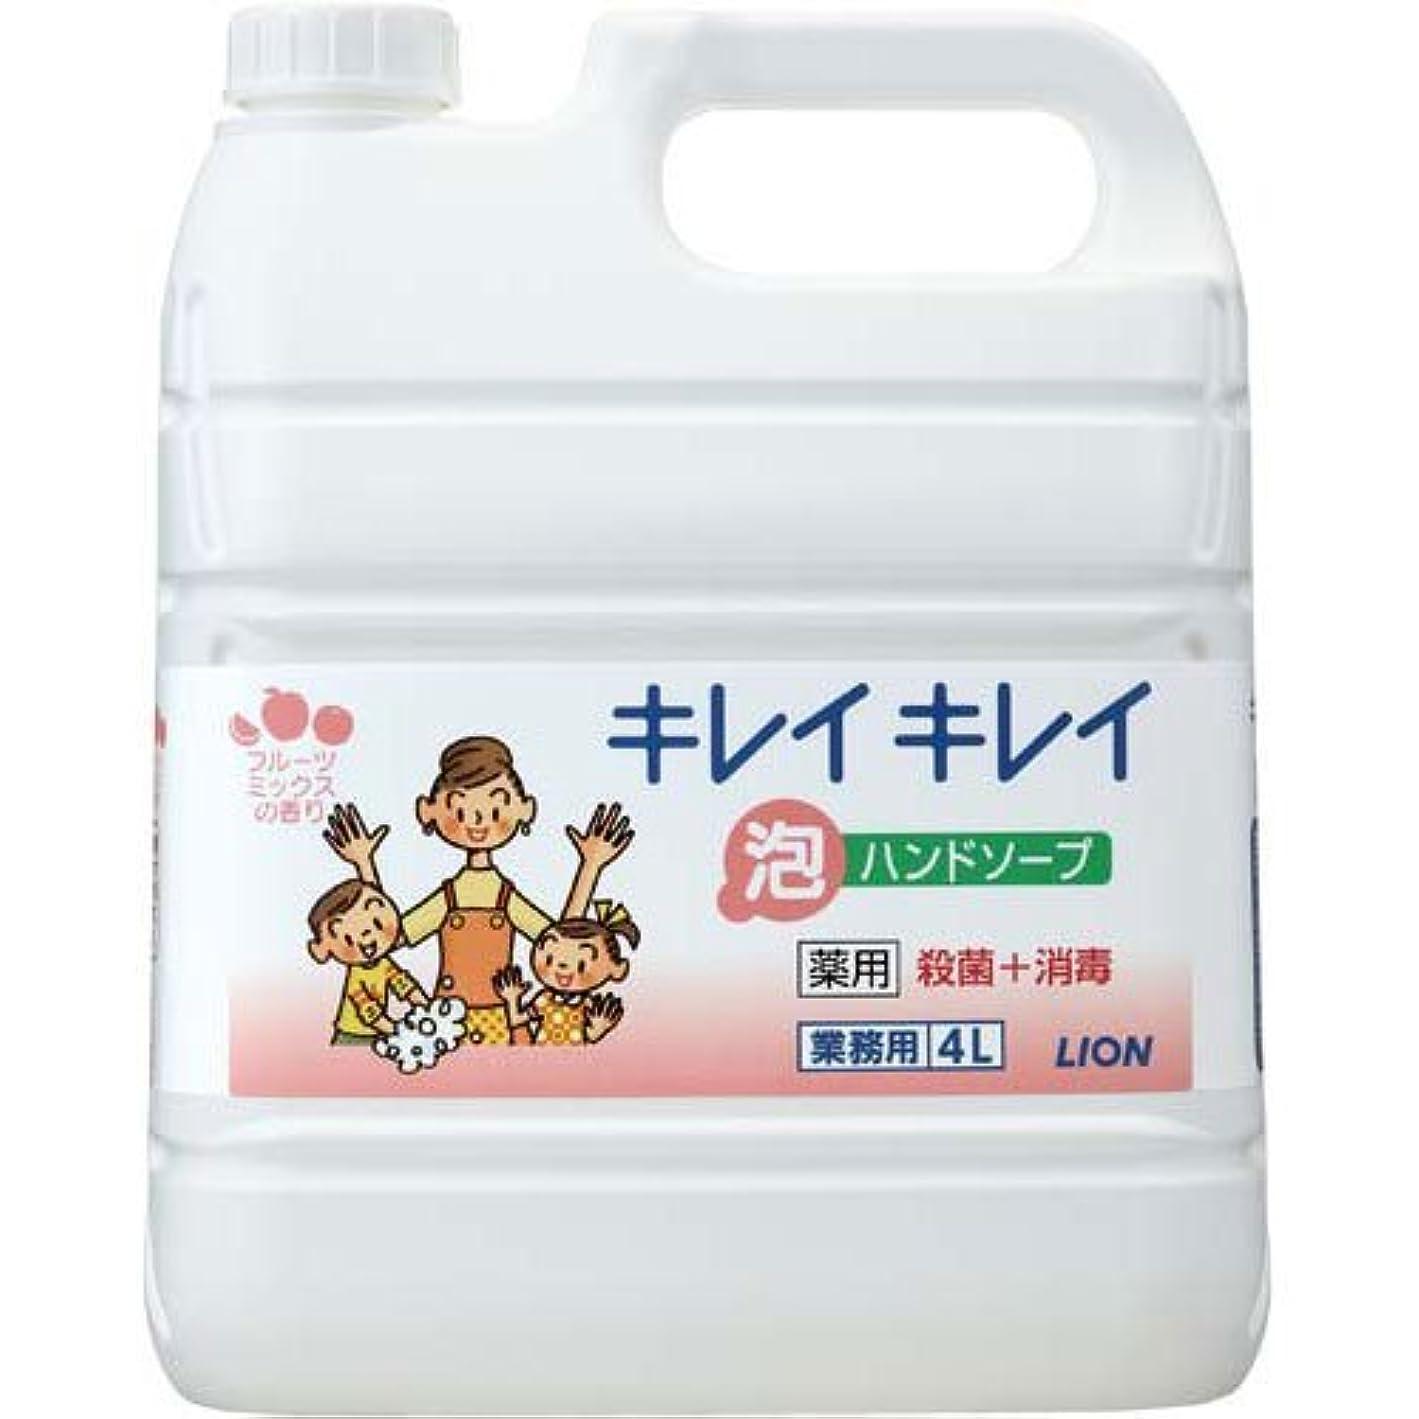 床を掃除する扇動する戦いライオンハイジーン キレイキレイ薬用泡ハンドSフルーツM詰替4L×3本